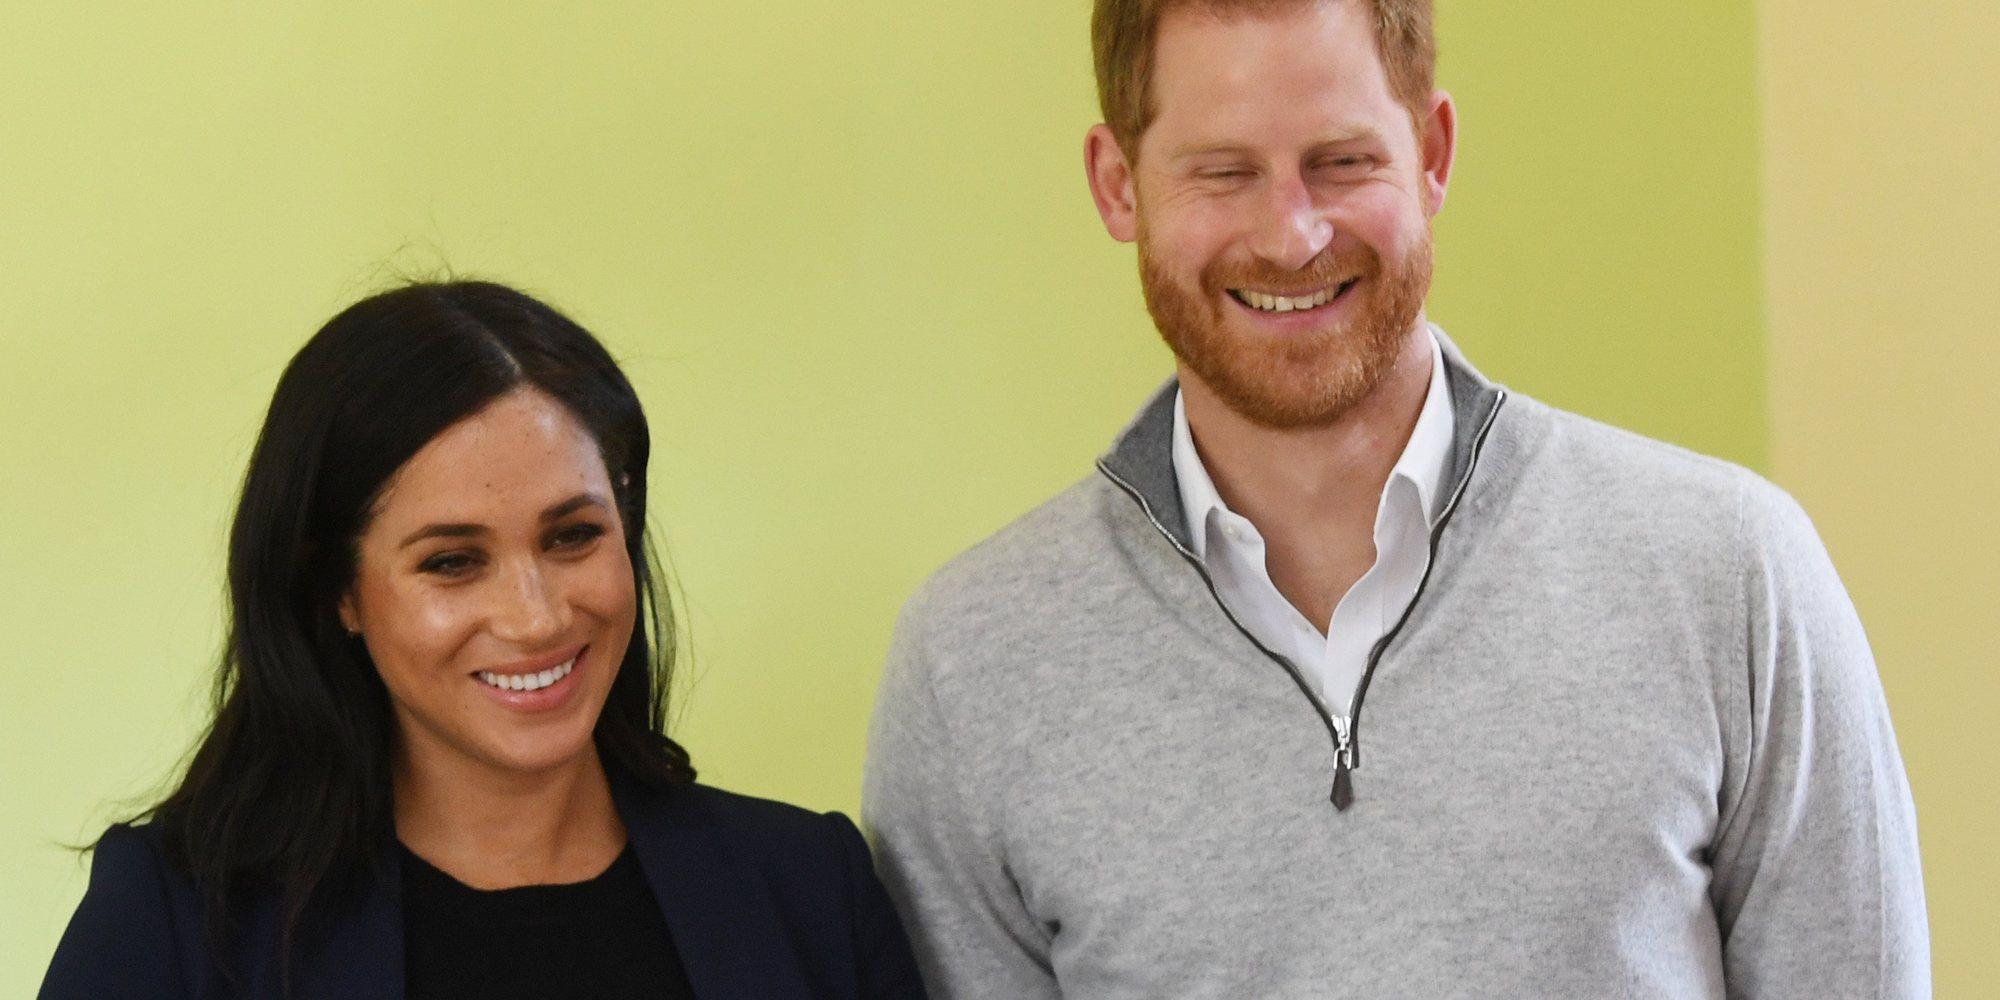 El Príncipe Harry y Meghan Markle visitarán Sudáfrica en otoño de 2019 con su hijo Archie